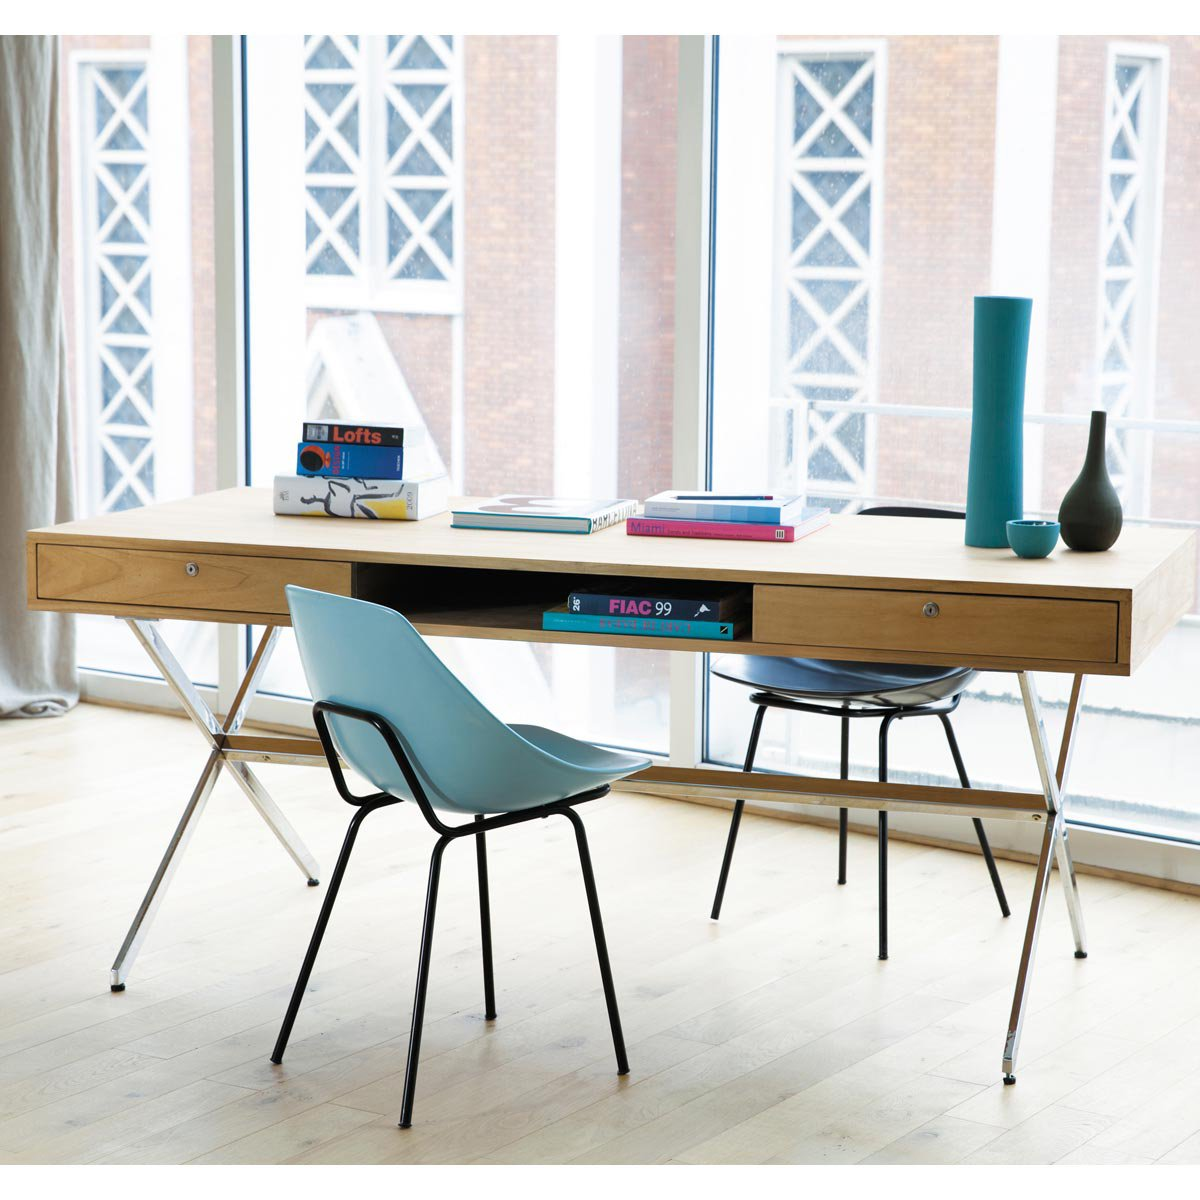 vert poussin guariche. Black Bedroom Furniture Sets. Home Design Ideas